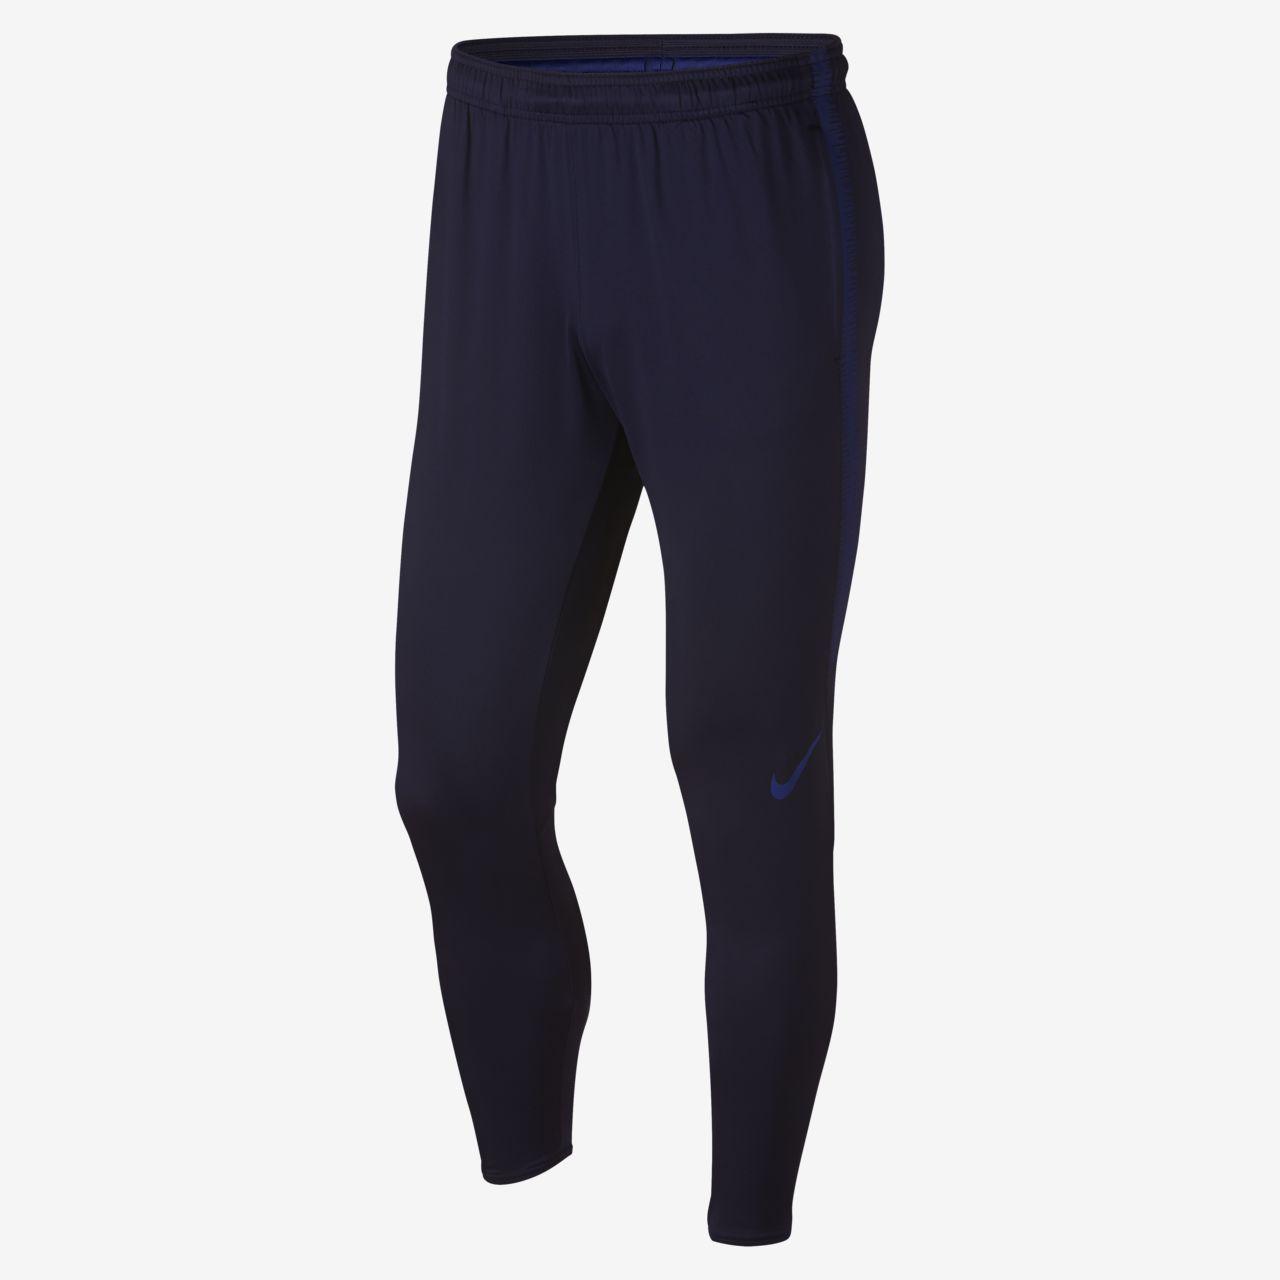 Pantalon de football Nike Dri-FIT Squad pour Homme